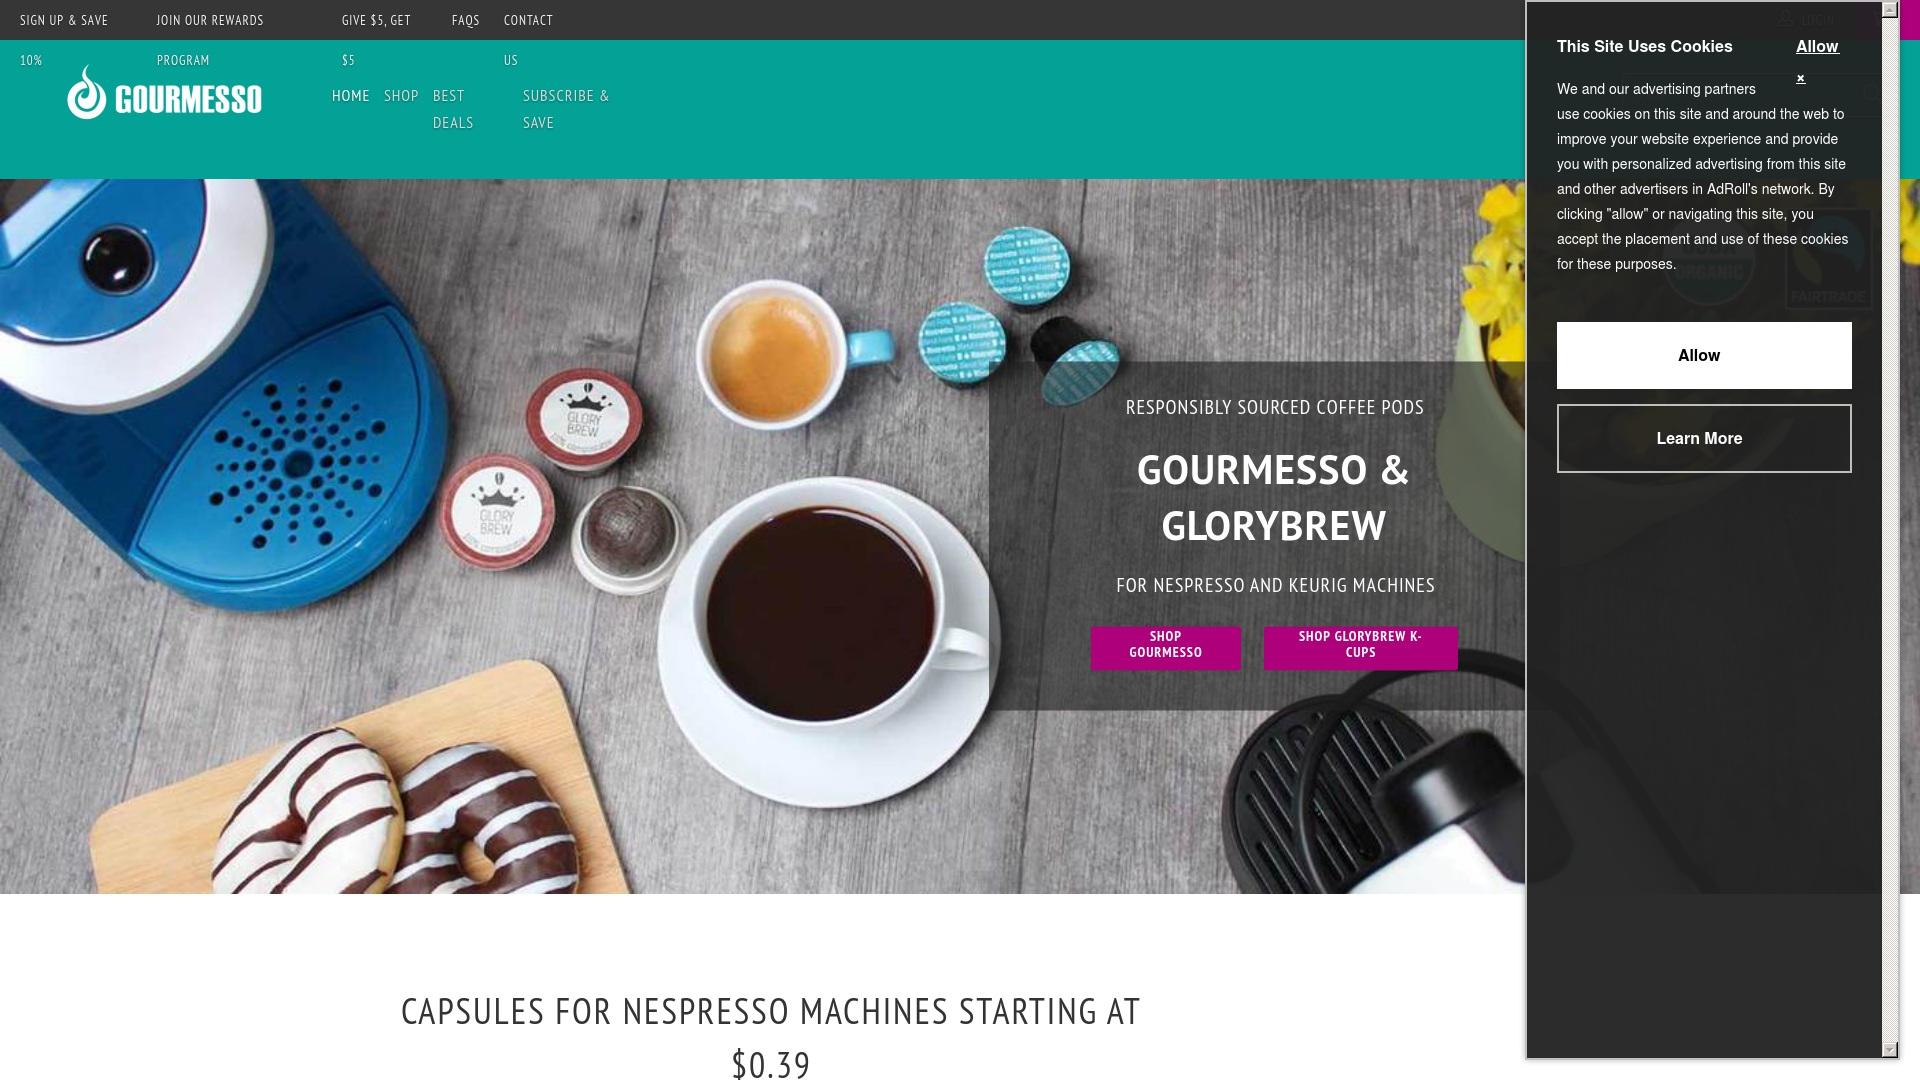 Geld zurück bei Gourmesso: Jetzt im Mai 2021 Cashback für Gourmesso sichern